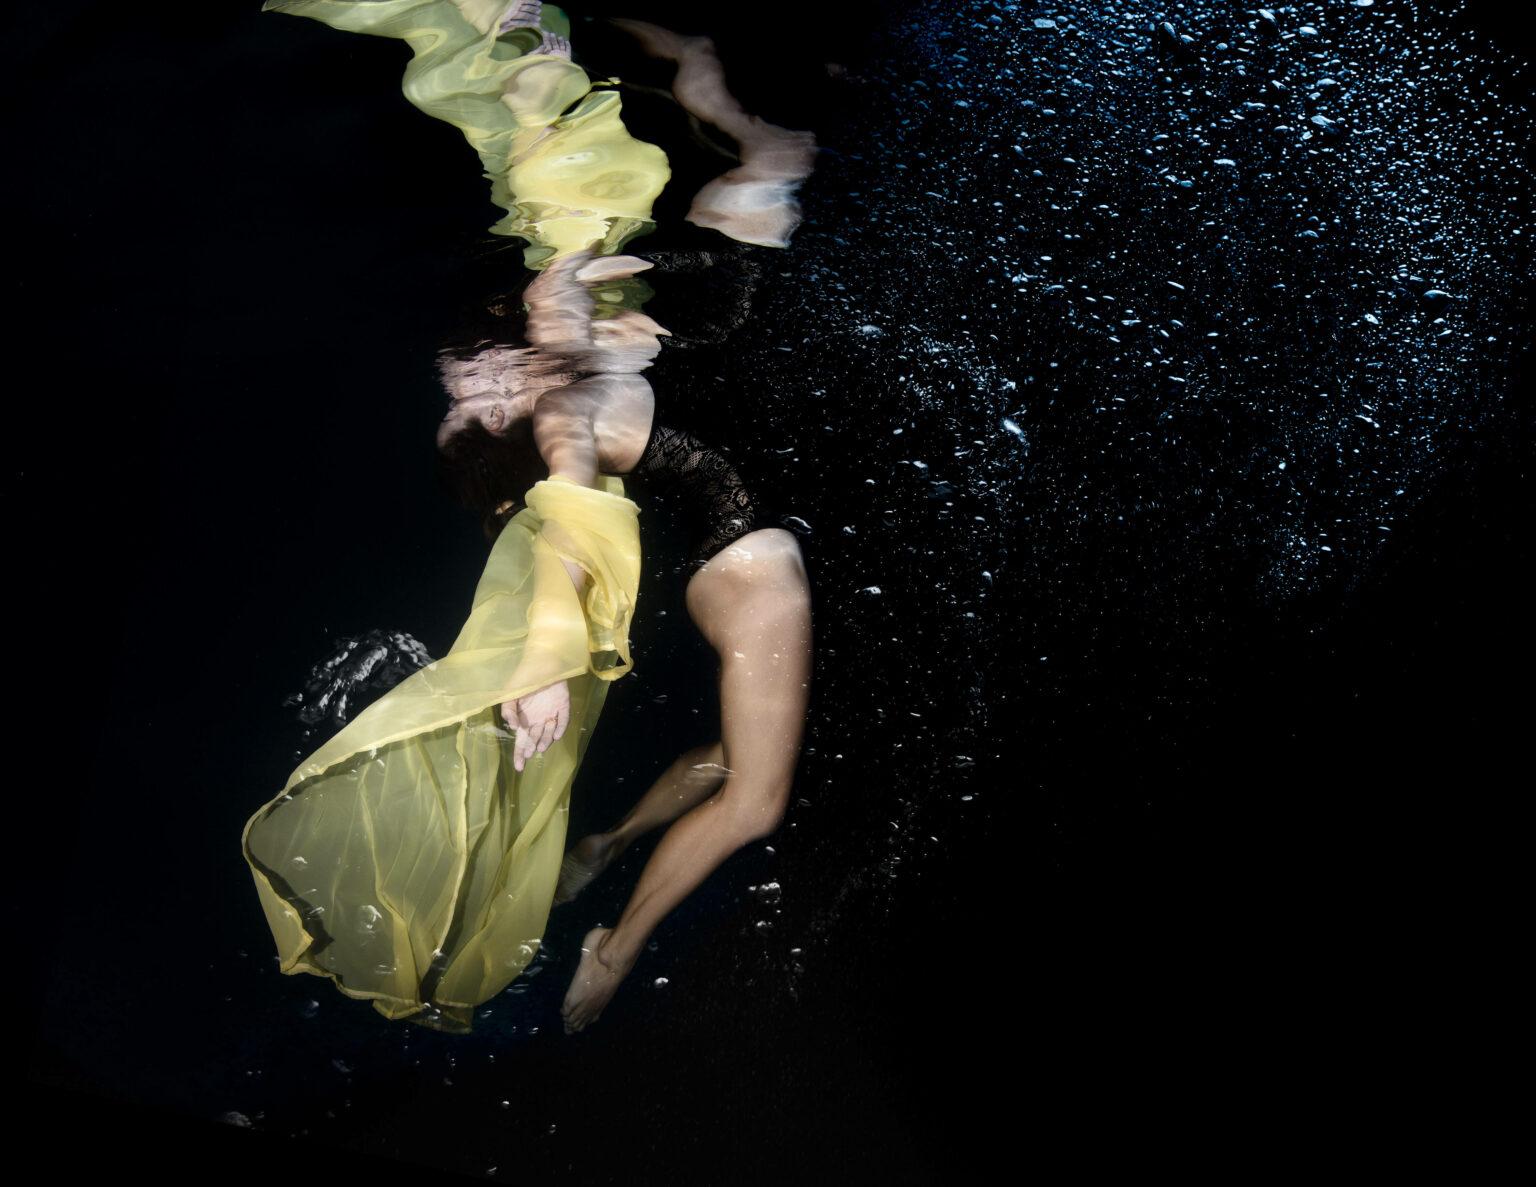 IMAGO / Stephan Debelle